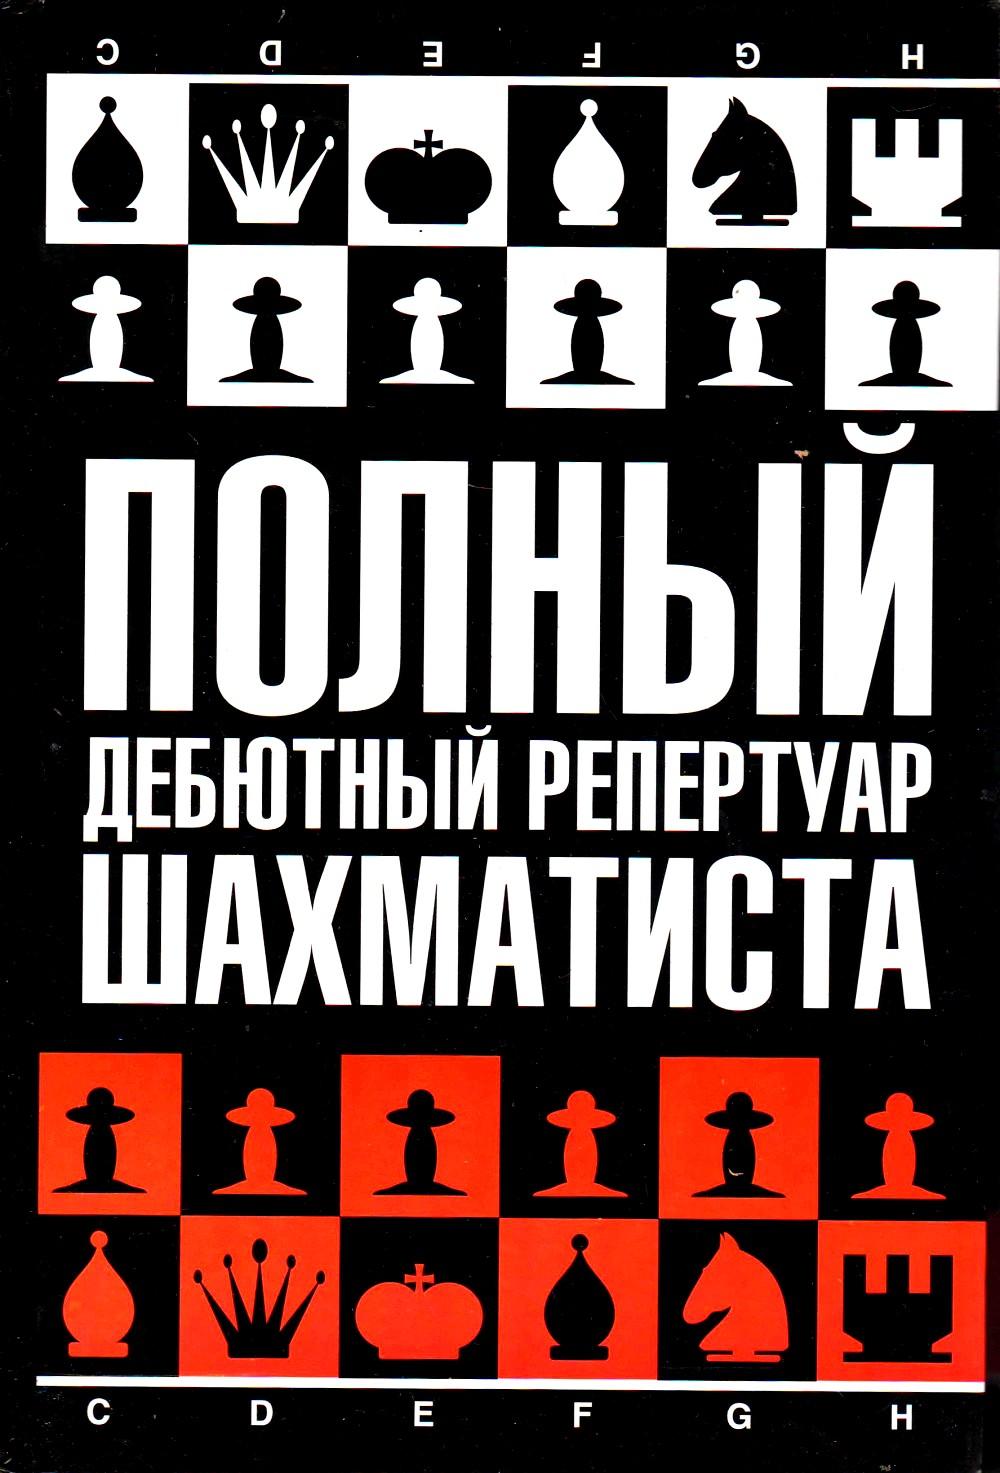 Калиниченко Н.М. Полный дебютный репертуар шахматиста свешников е свешников в дебютный репертуар для блица том 2 репертуар за белых